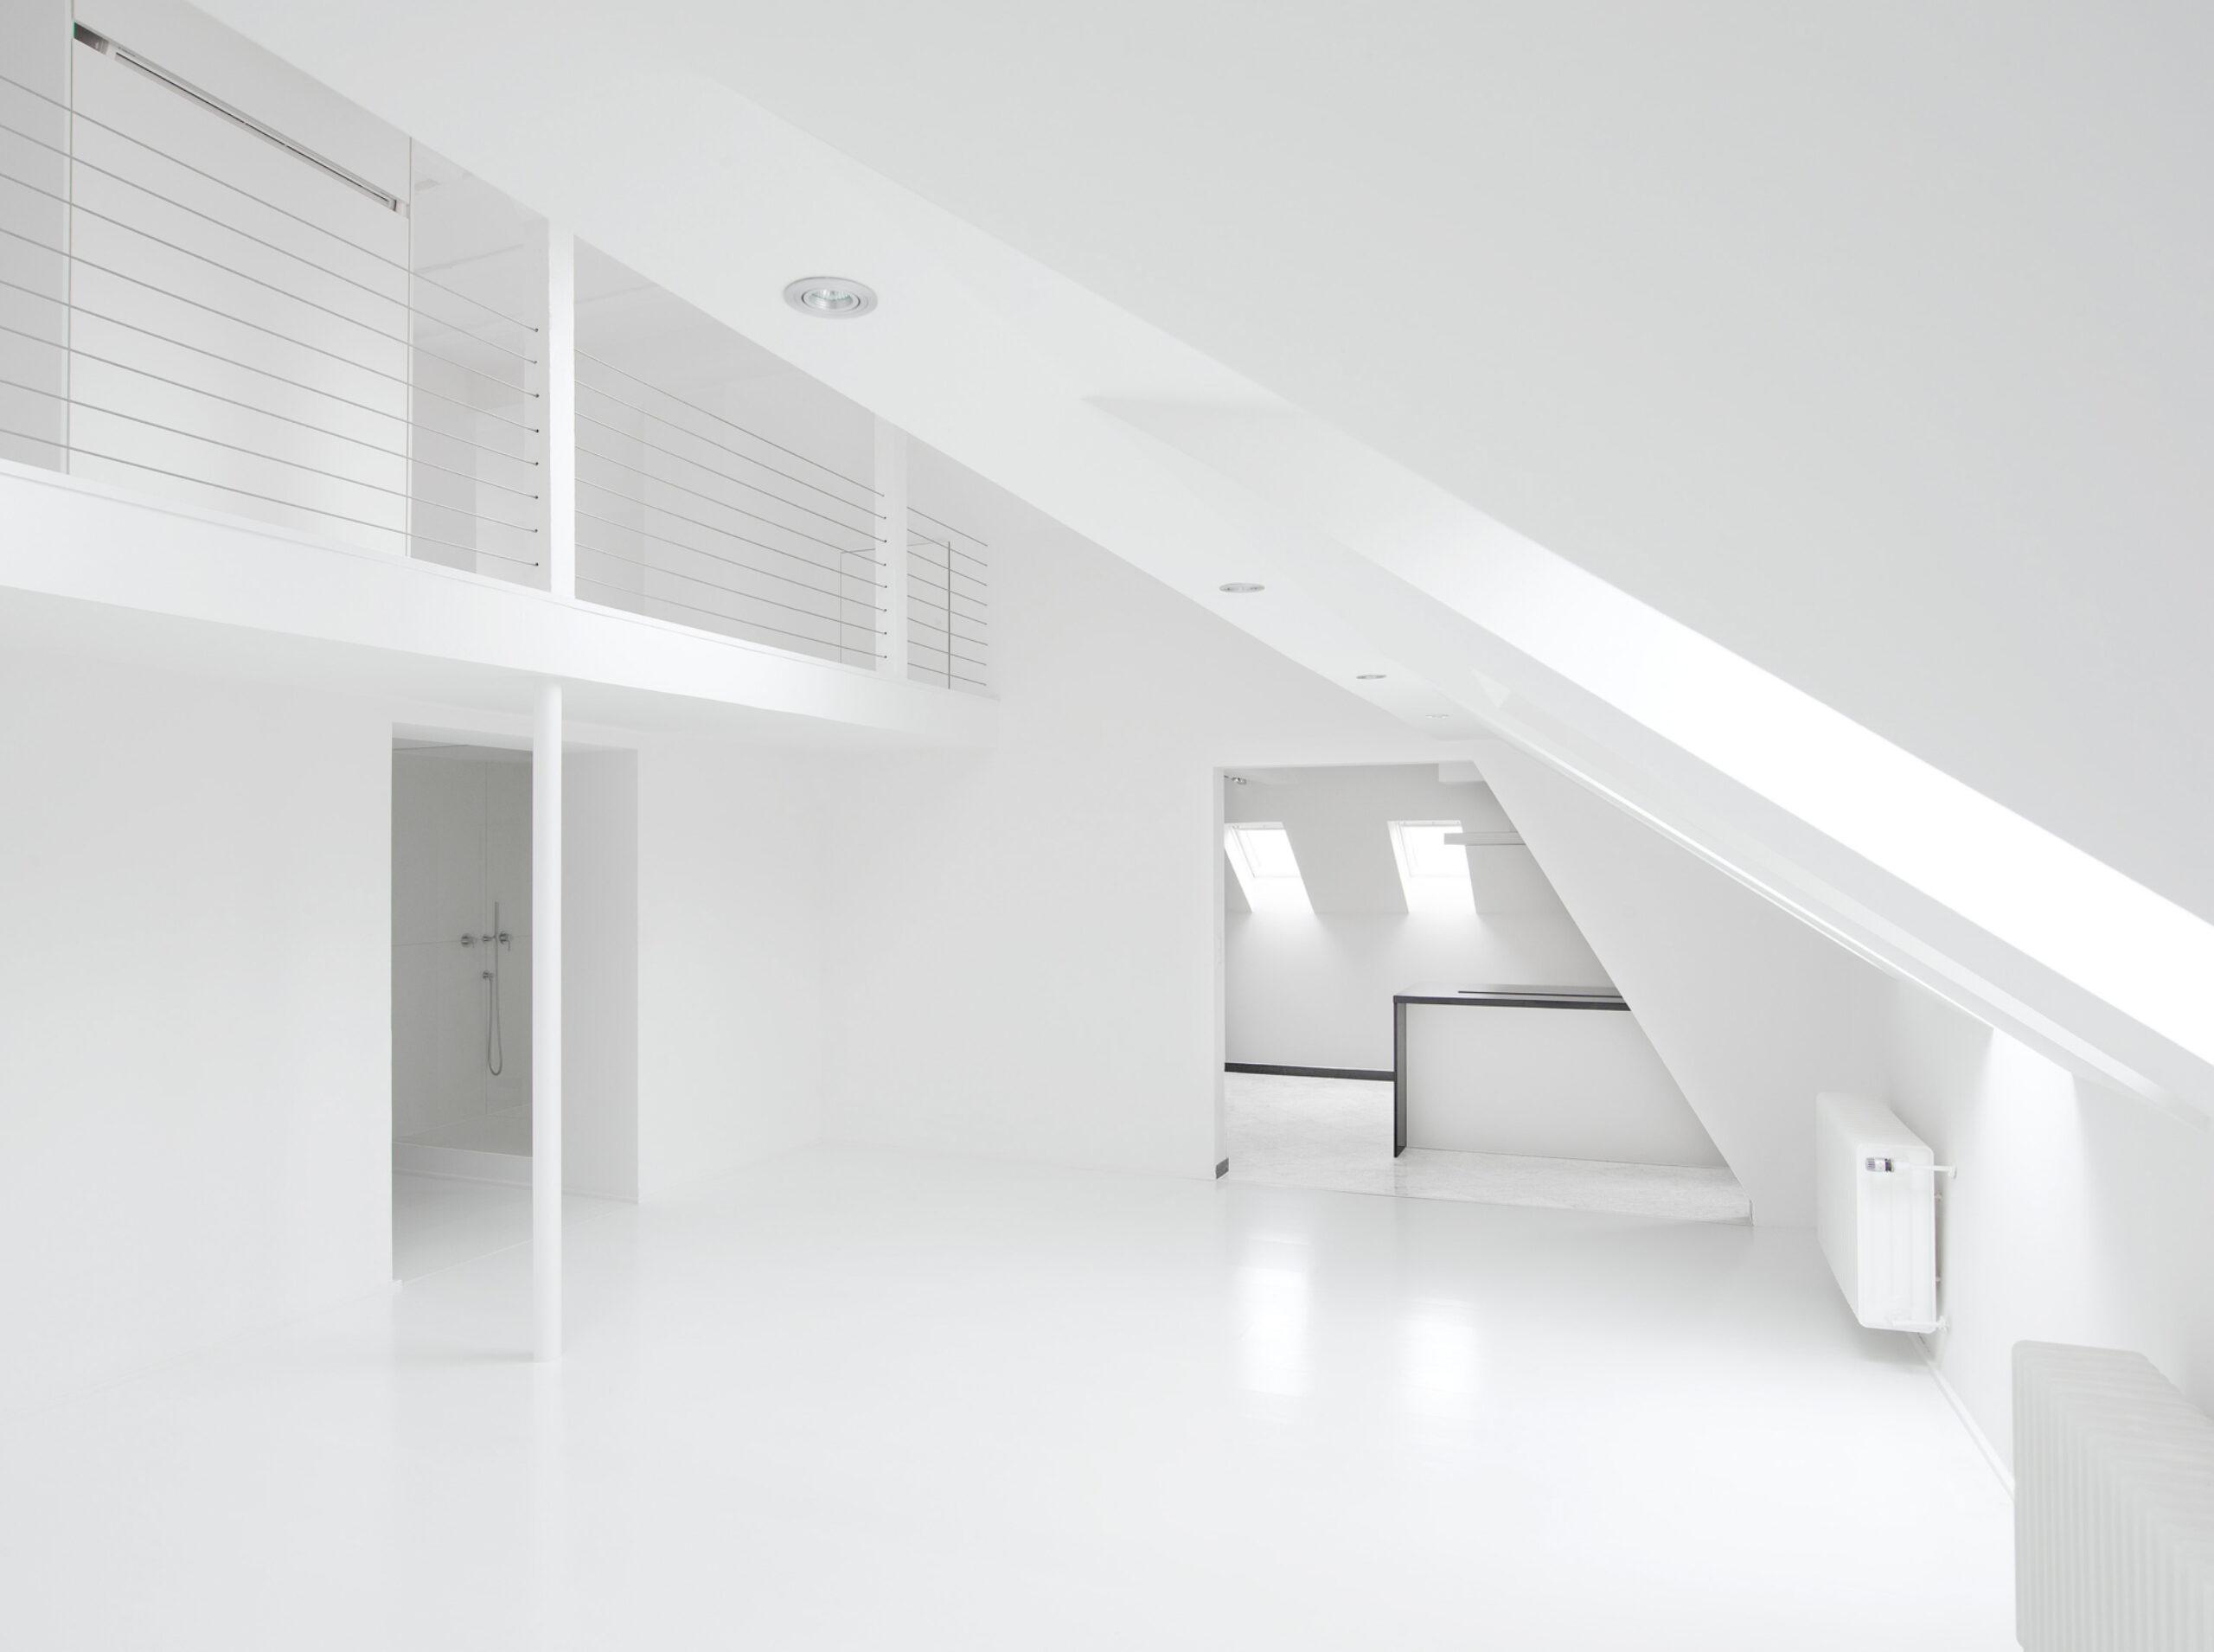 Appartment E Wiesbaden 02